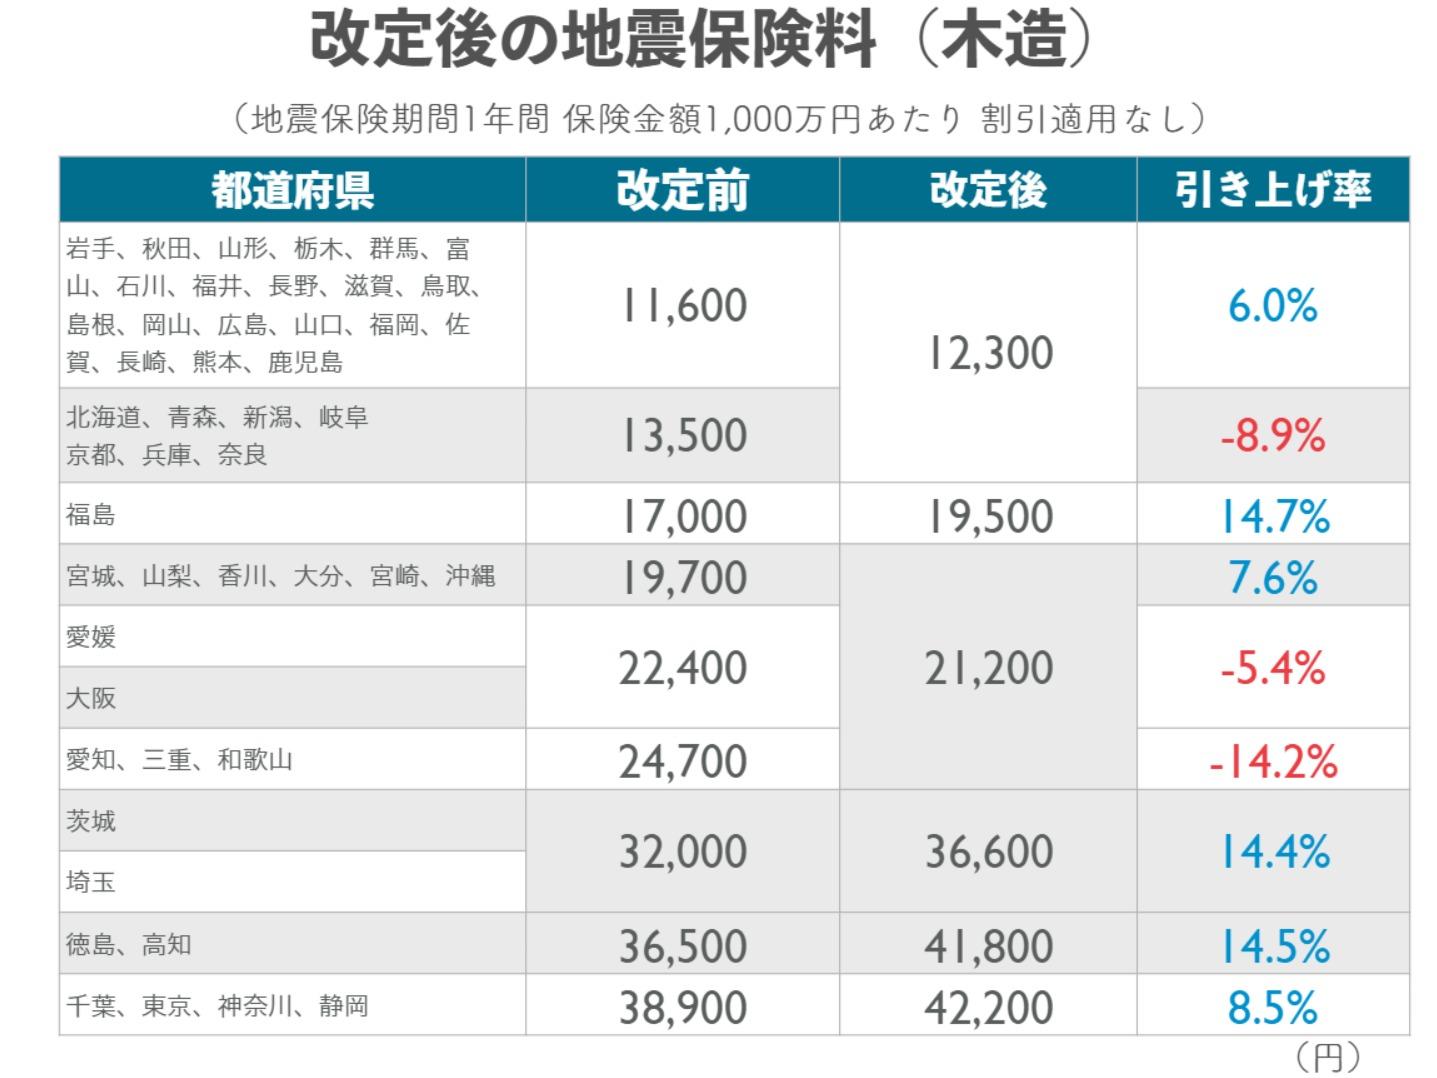 改定後の地震保険料(木造)